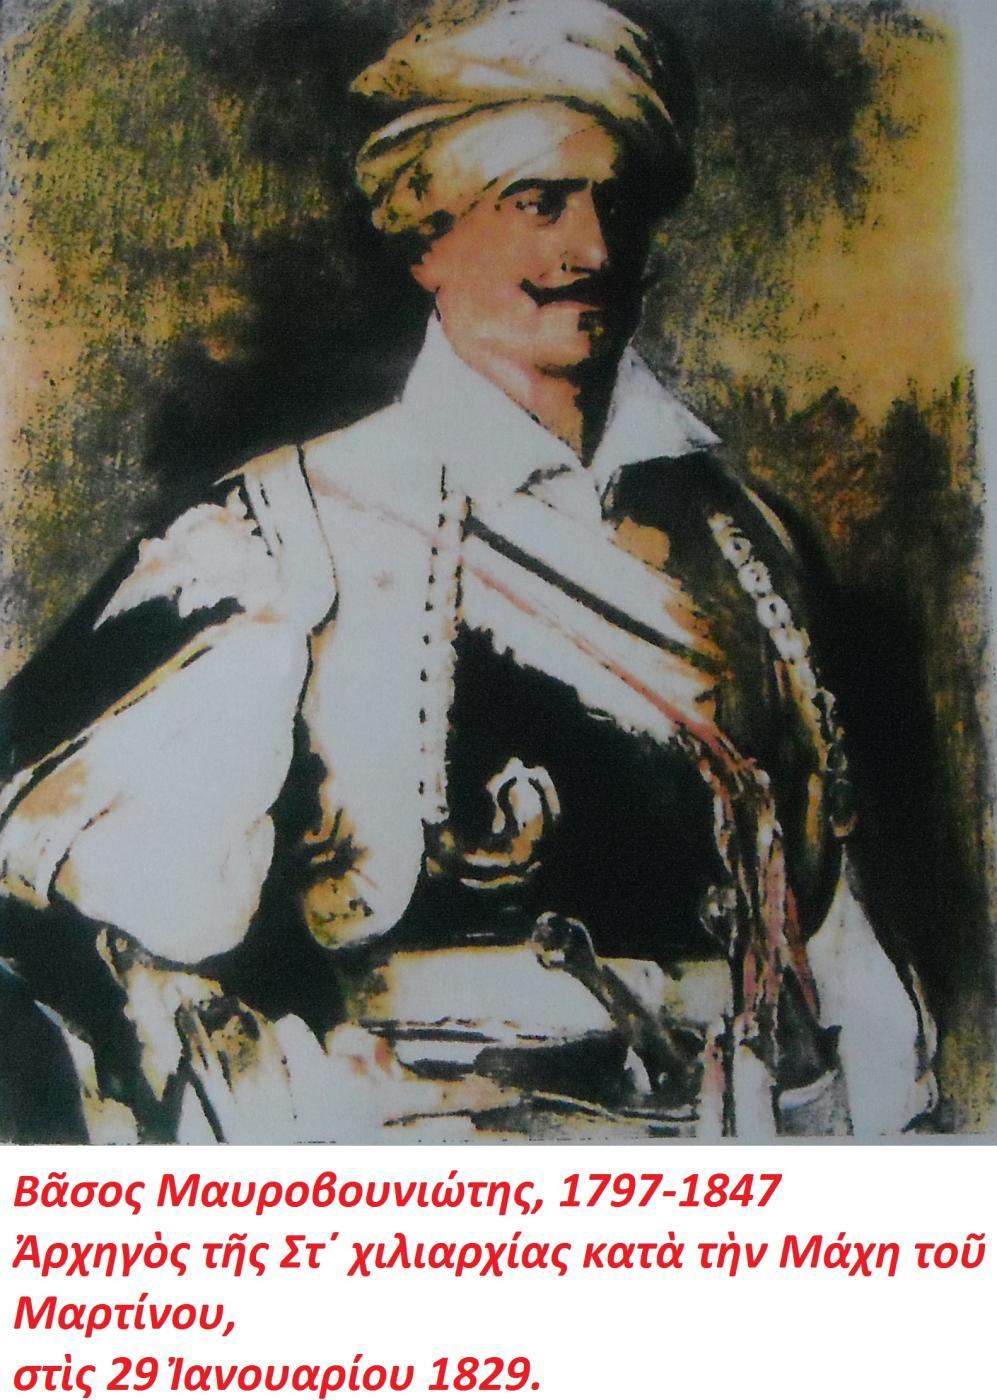 Ἡ μάχη τοῦ Μαρτίνου στὶς 29 Ἰανουαρίου 1829 2